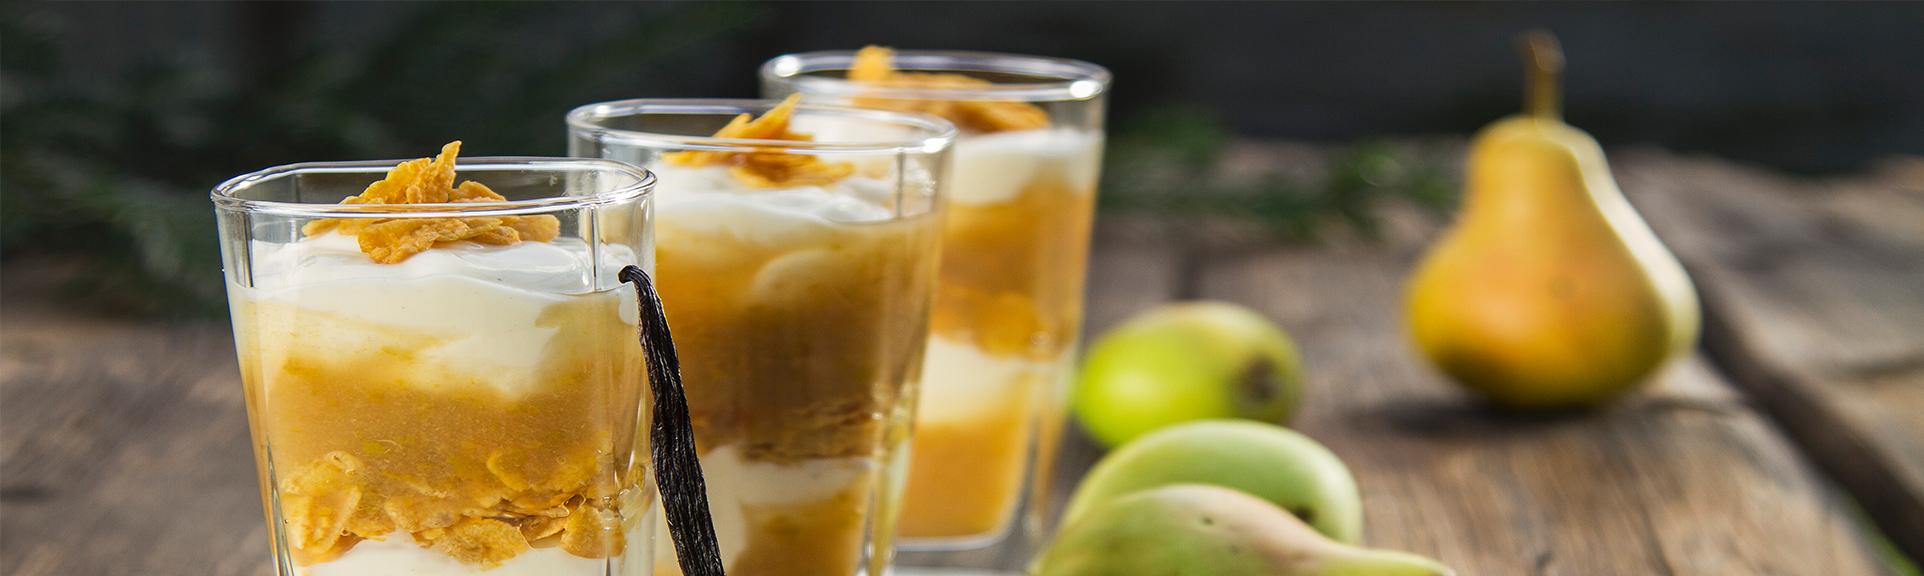 Headerabbildung Birnendessert mit Vanillejoghurt